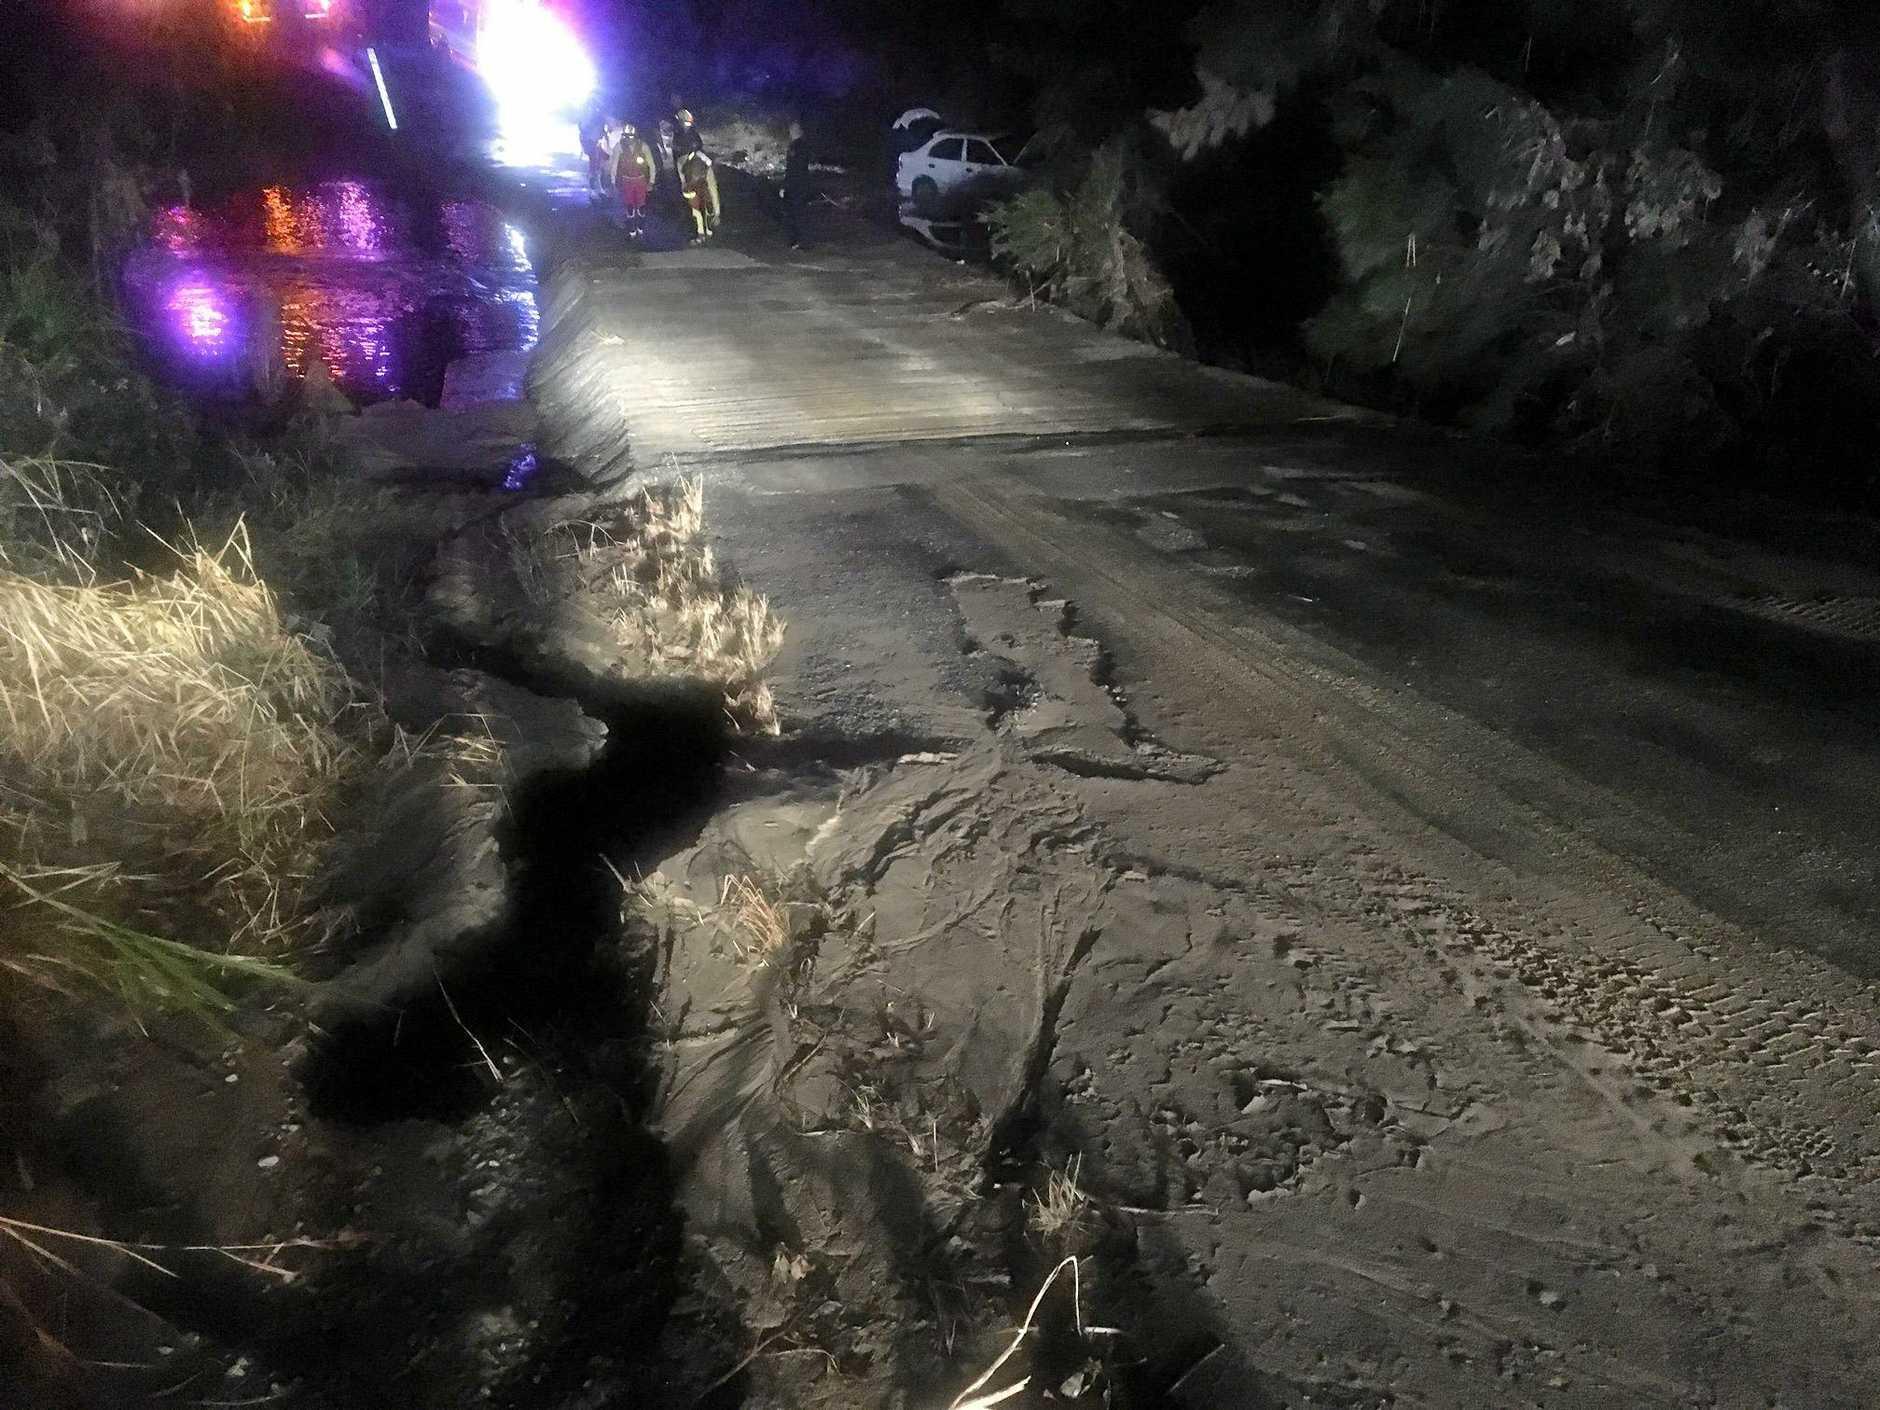 Road damage from floodwaters last week near bridge